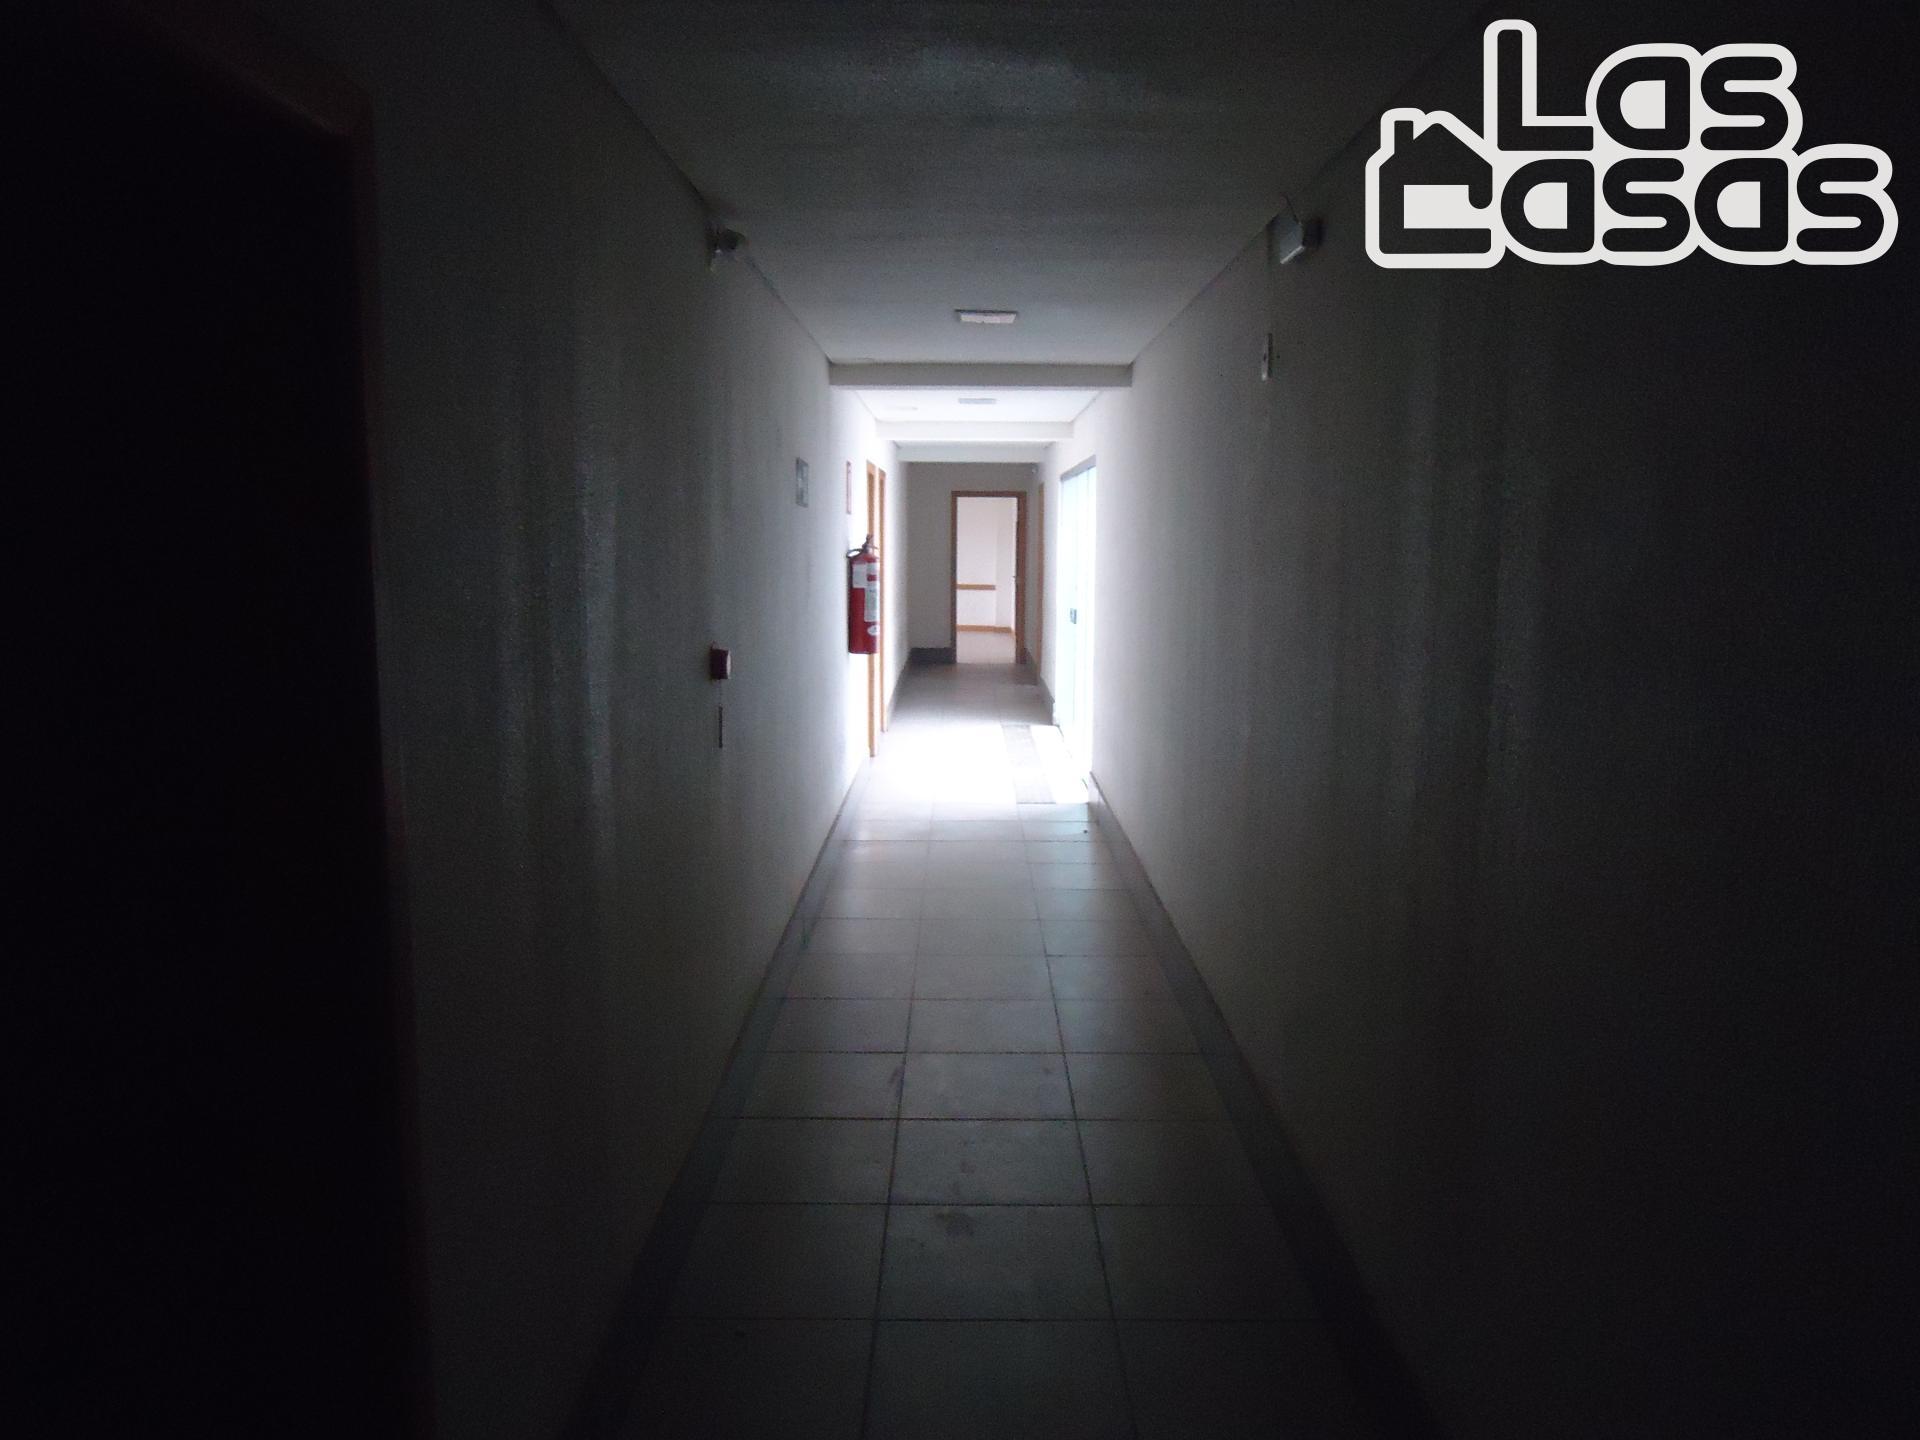 Las Casas Imóveis em Belo Horizonte/MG